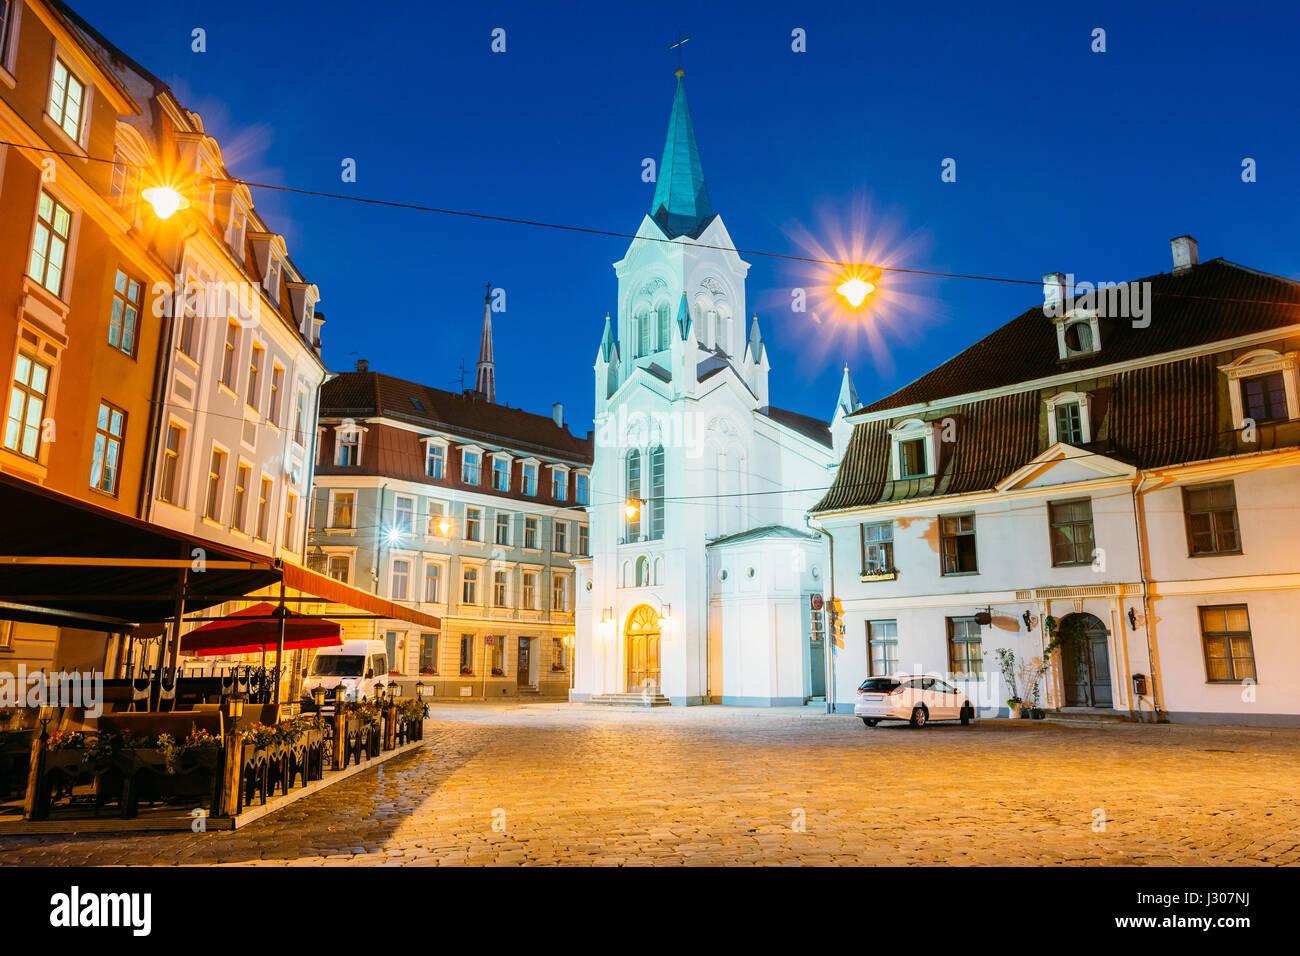 Riga, Letonia. Fachada principal de la Virgen de las Angustias o la iglesia de Nuestra Señora de los Dolores, Imagen De Stock